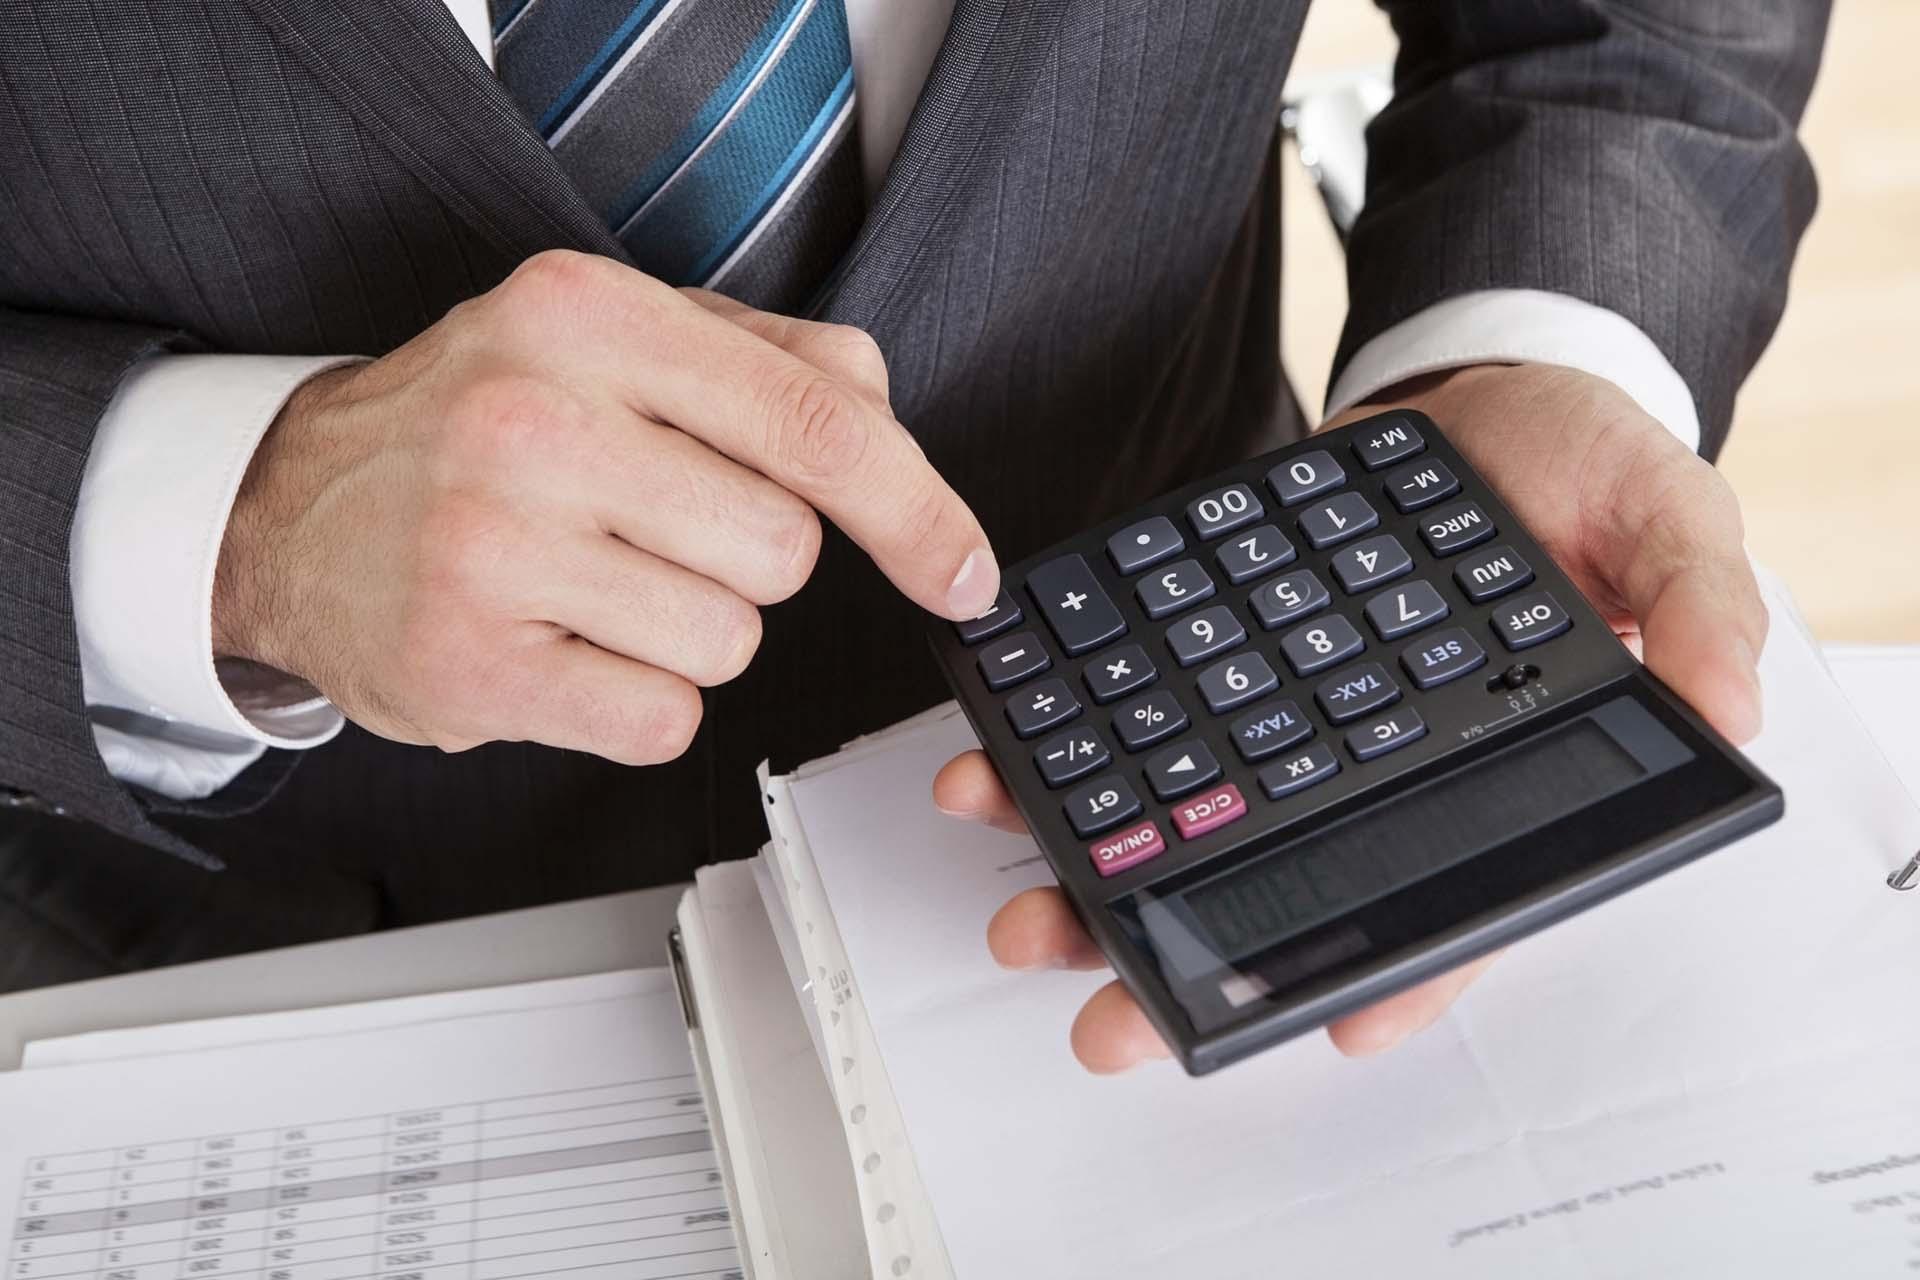 Снижение расходов бизнеса: тотальный аутсорсинг бизнес-процессов и организация удаленного отдела продаж